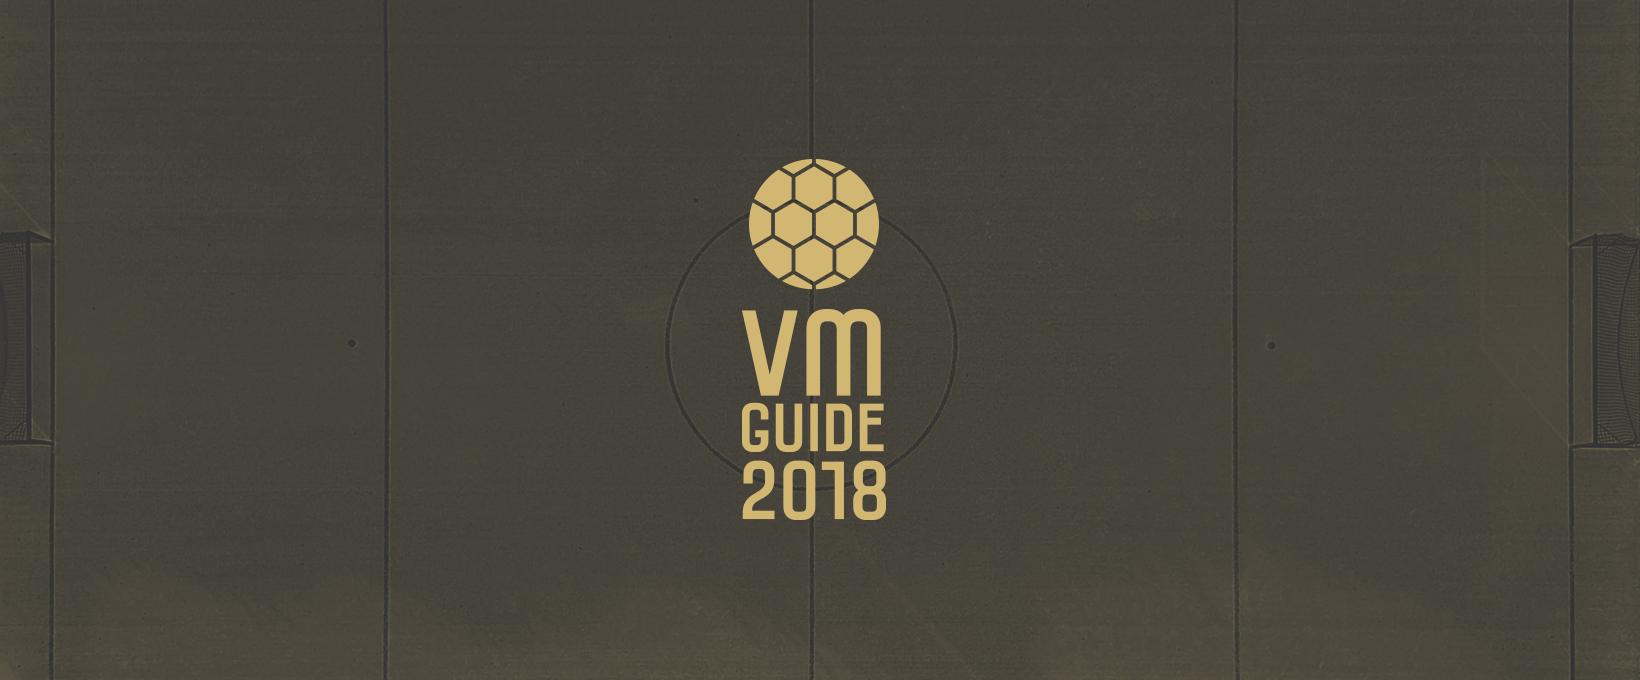 🇷🇺 Rysslands landslag i fotboll - VM-guide med spelschema och tv-tider fa0937b239ce4